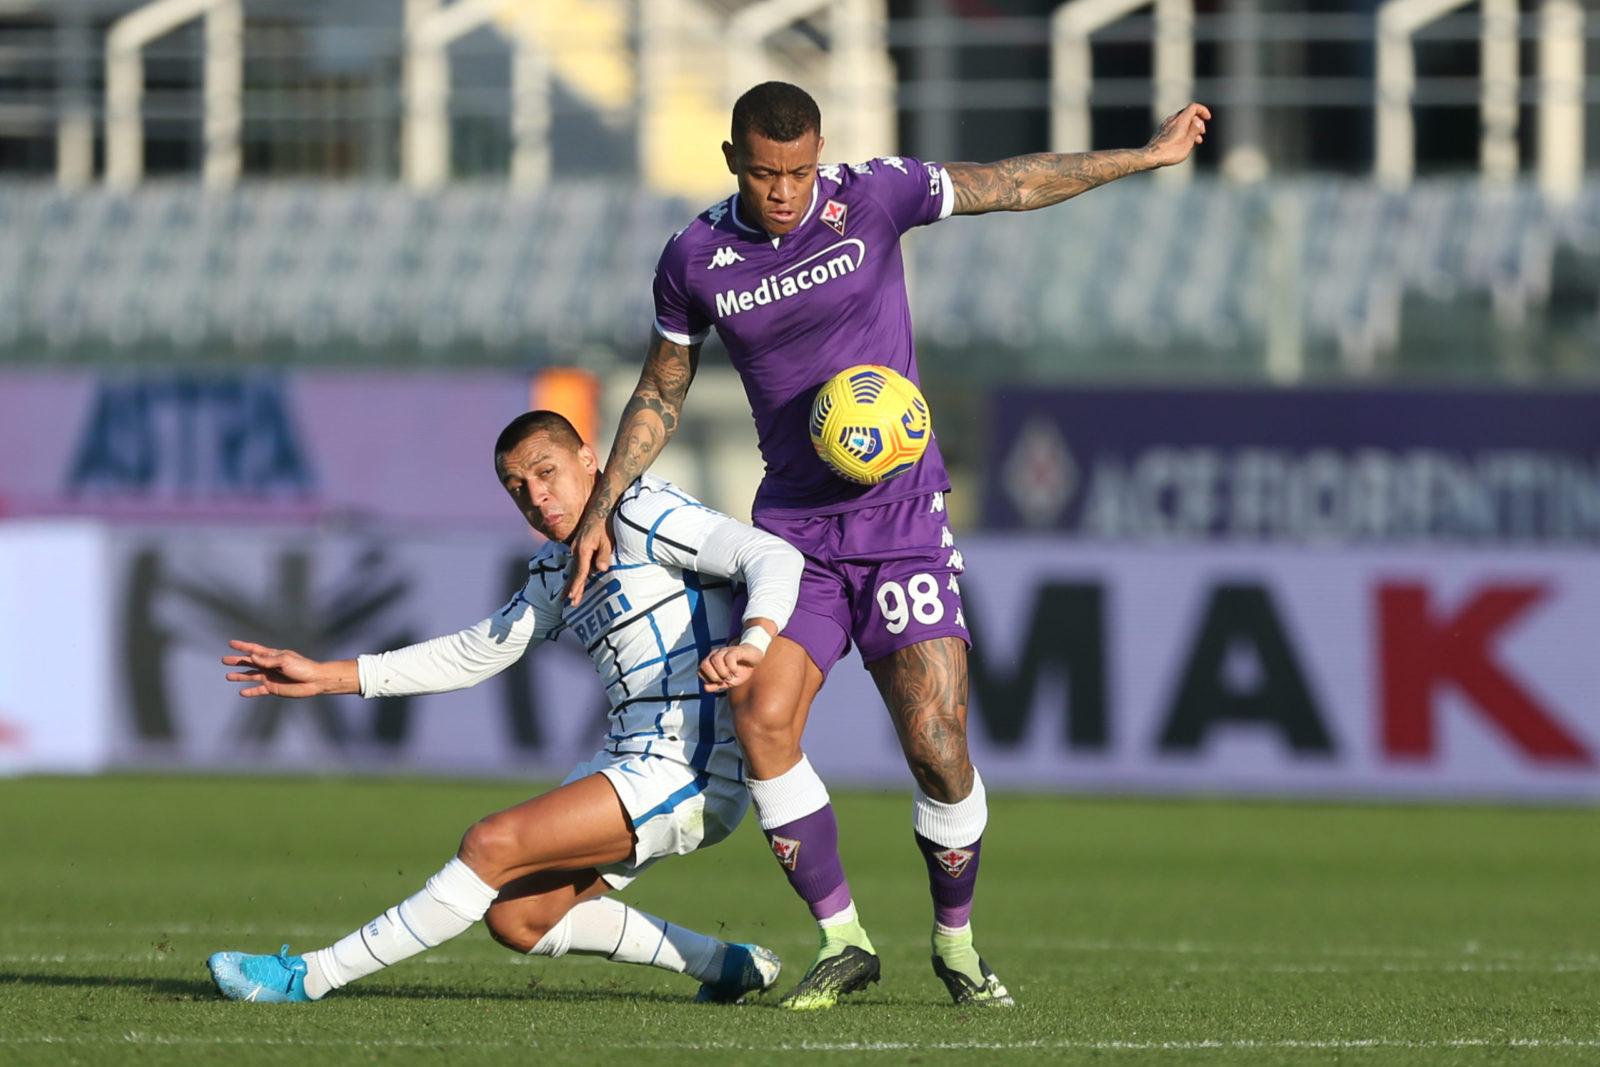 Coppa Italia, derby ai quarti di finale: la data di Inter-Milan | Calcio News